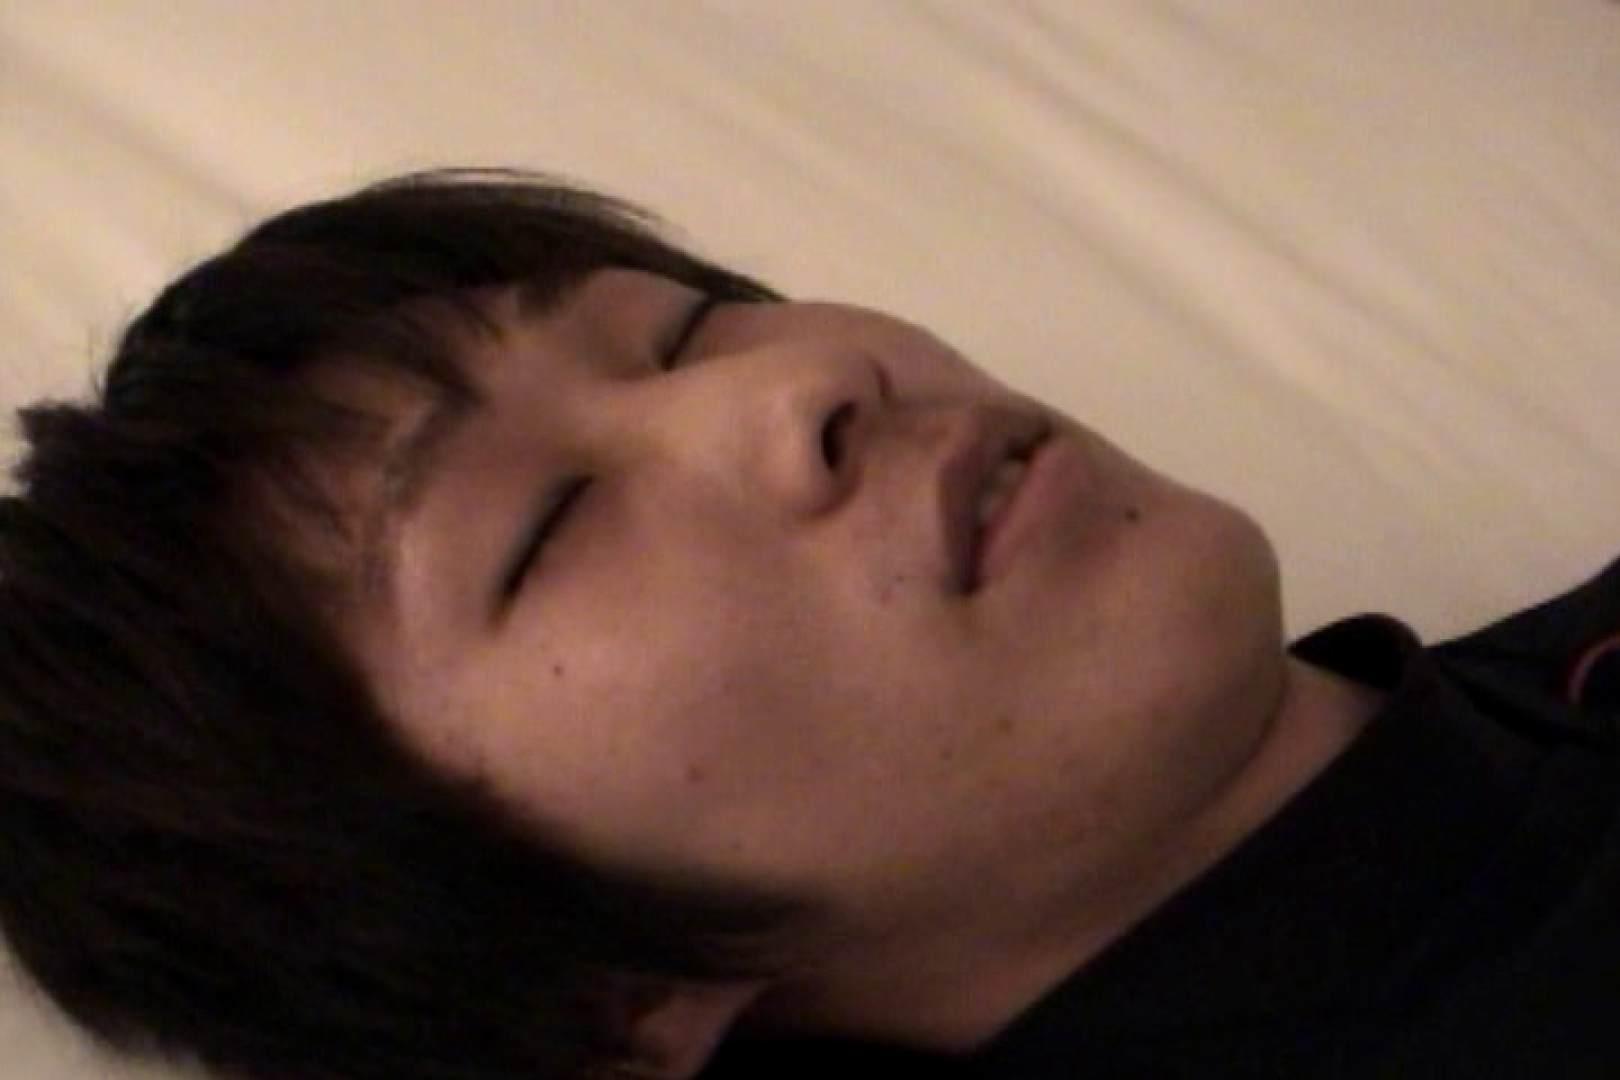 三ツ星シリーズ 魅惑のMemorial Night!! vol.01 ハメ撮り ゲイエロビデオ画像 67枚 62